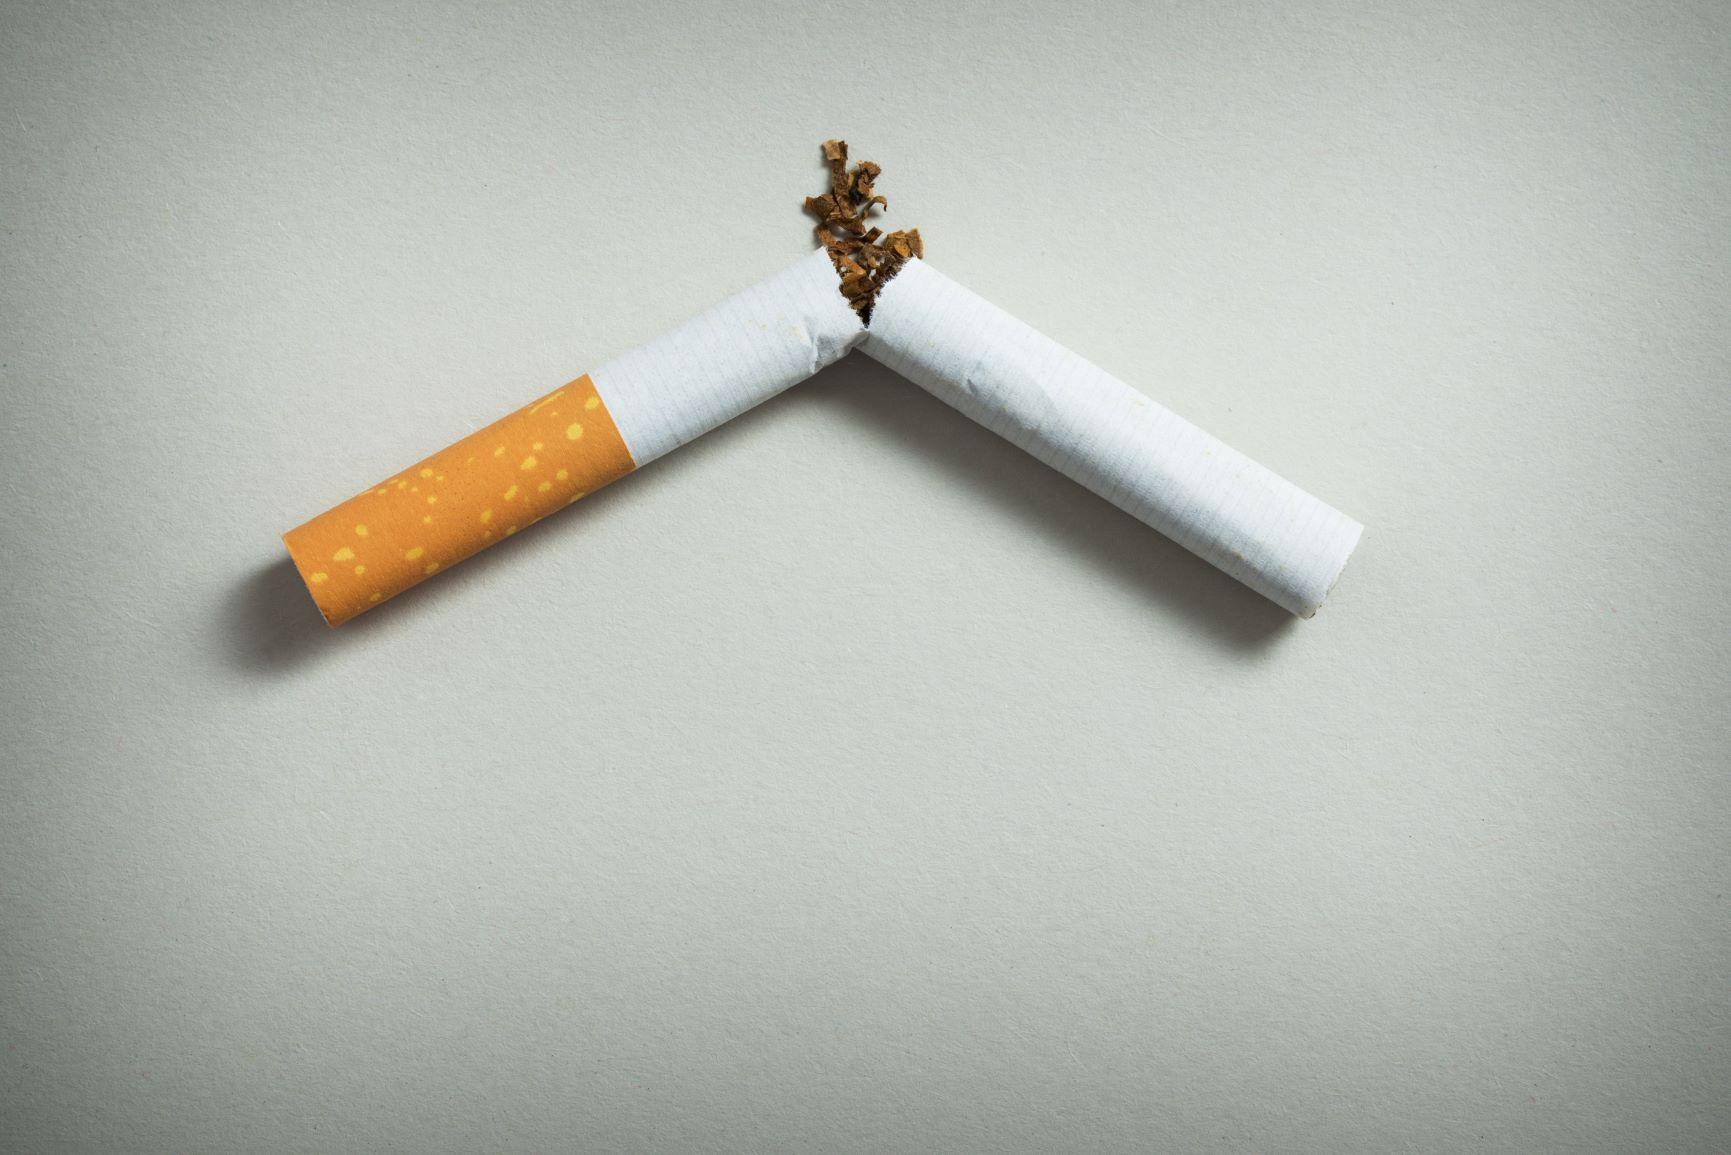 เลี่ยงสูบบุหรี่ เพี่อสุขภาพช่องปาก thaihealth